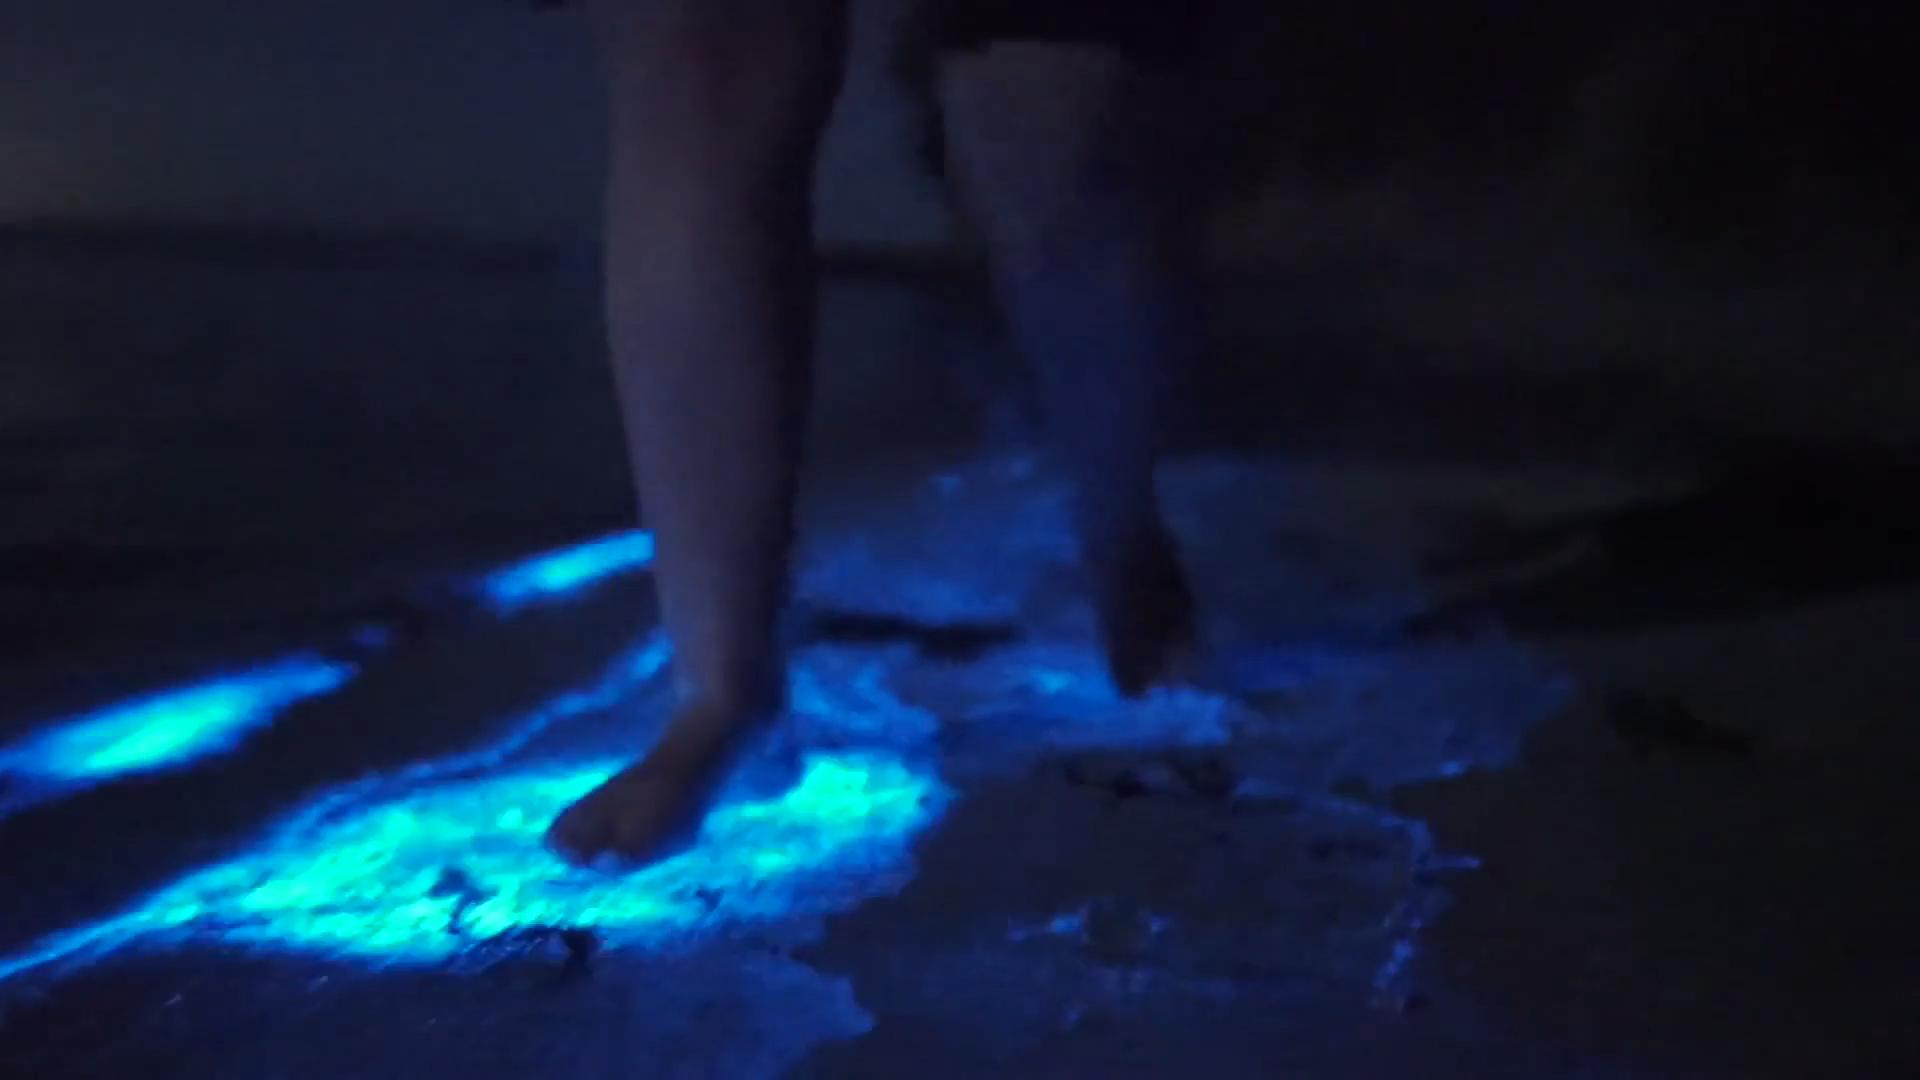 Le bleu bioluminescent est une belle couleur. Merci plancton, tu resplendis si bien.